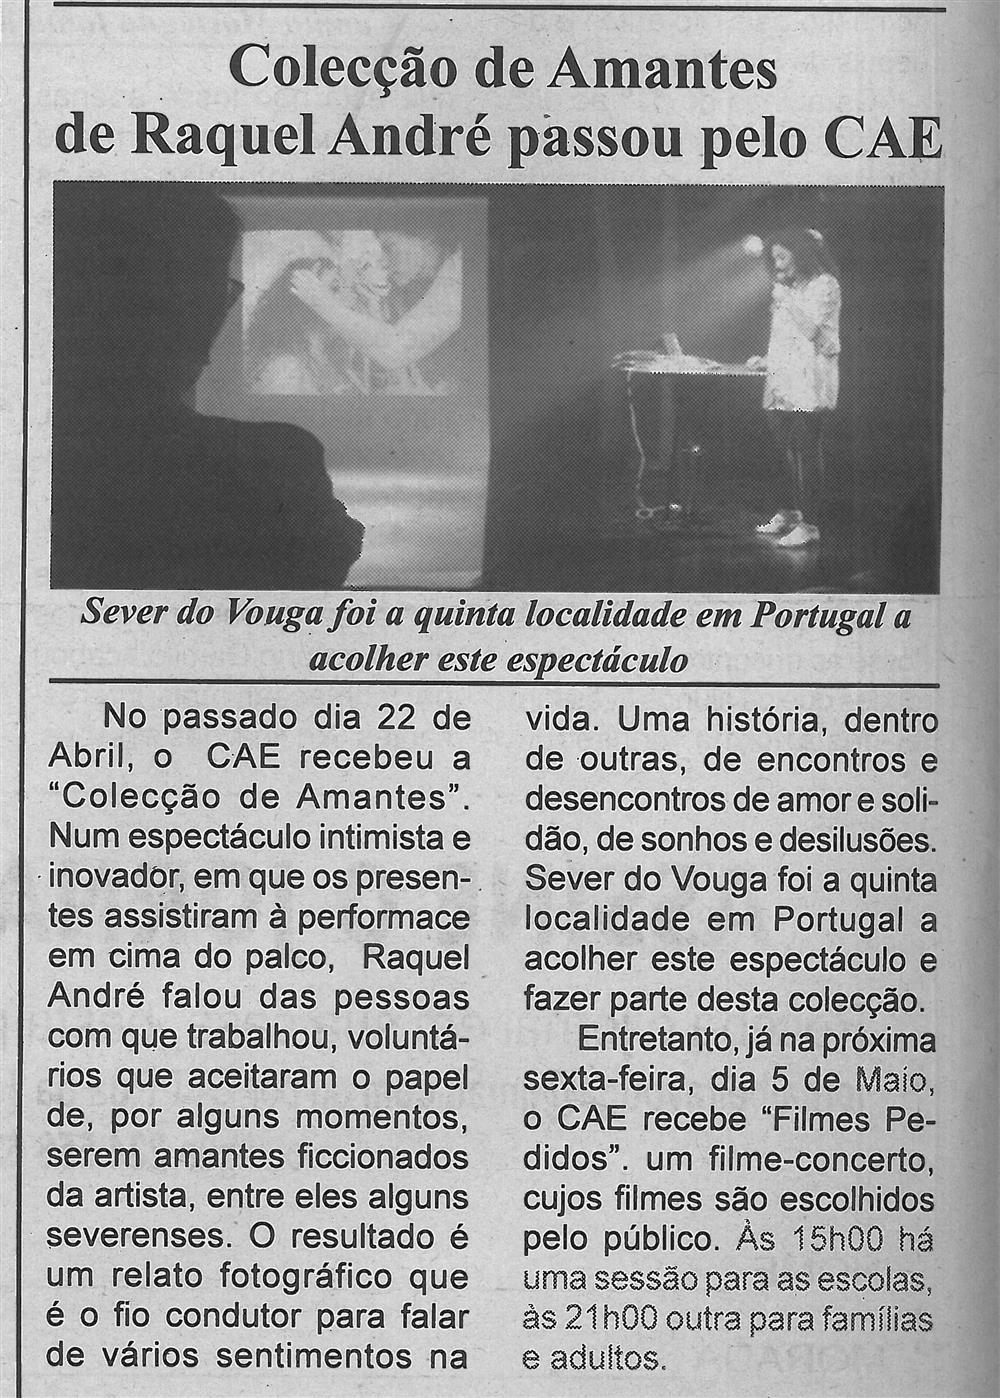 BV-1.ªmaio'17-p.4-Coleção de Amantes de Raquel André passou pelo CAE : Sever do Vouga foi a quinta localidade em Portugal a acolher este espetáculo.jpg